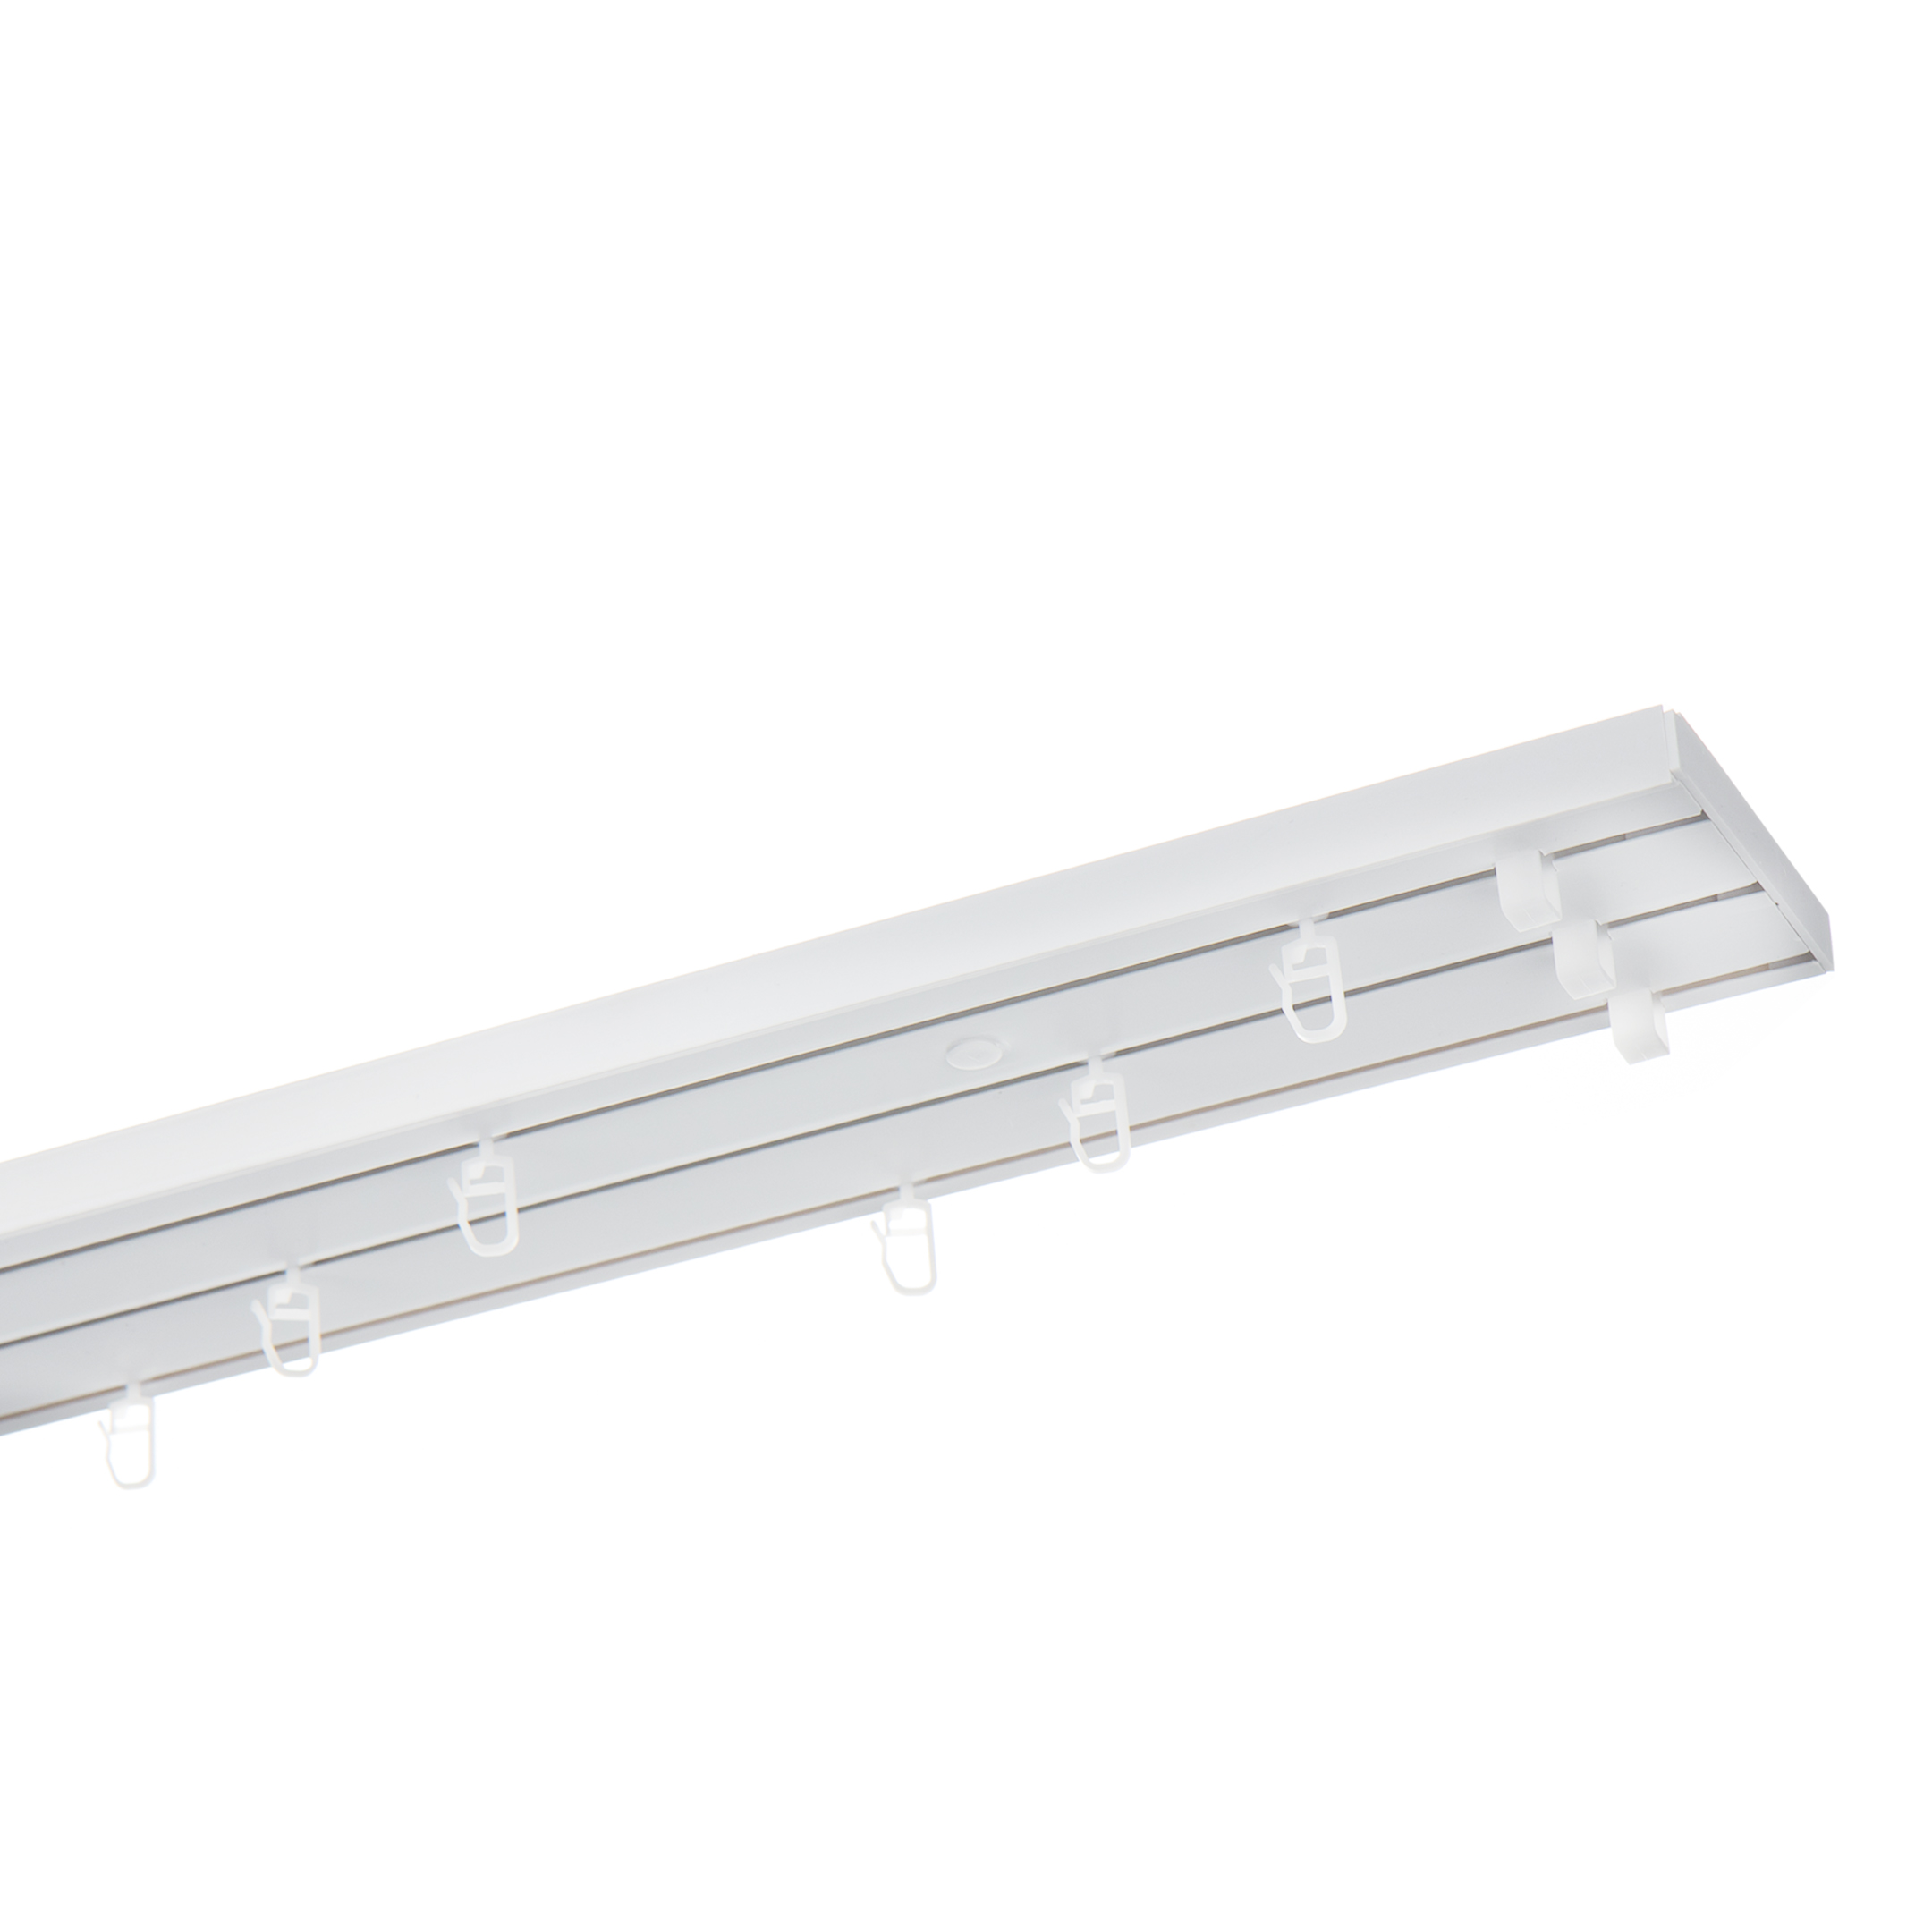 Фото - Карниз потолочный пластмассовый трехрядный 180 см белый карниз потолочный пластиковый dda поворот греция трехрядный краке 3 6